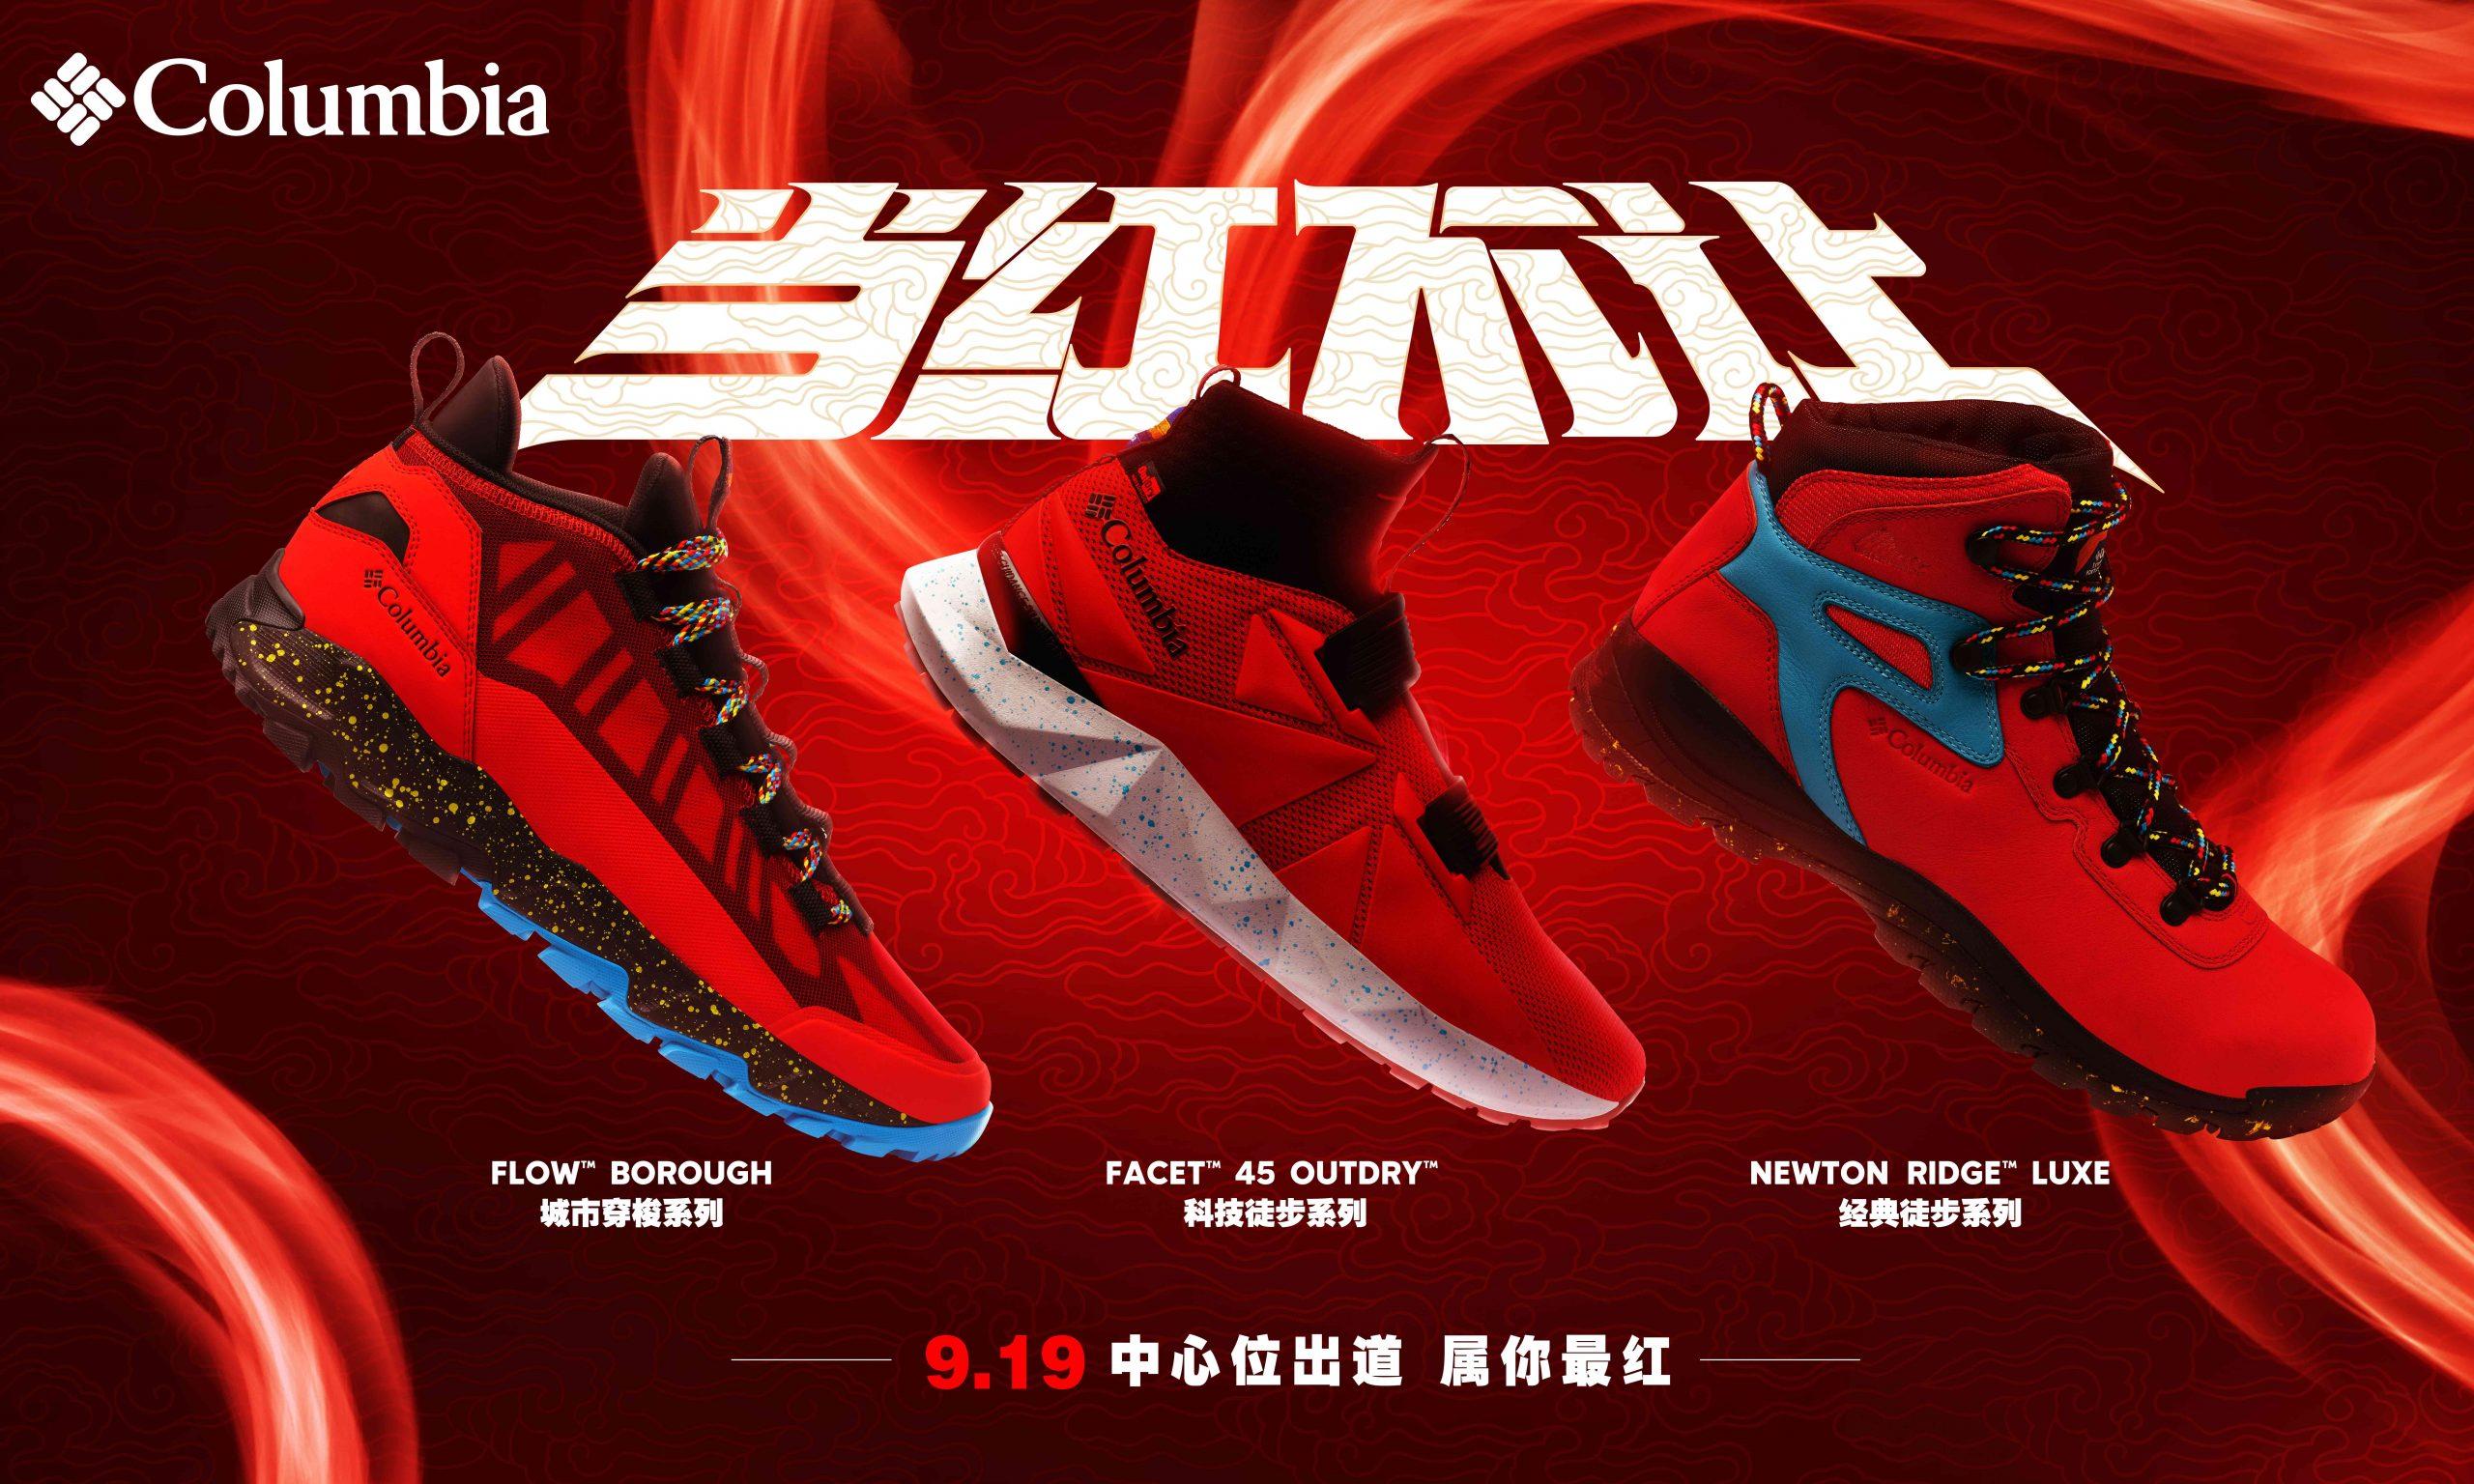 能量出型,Columbia 全新「当红不让」主题系列鞋履正式发售